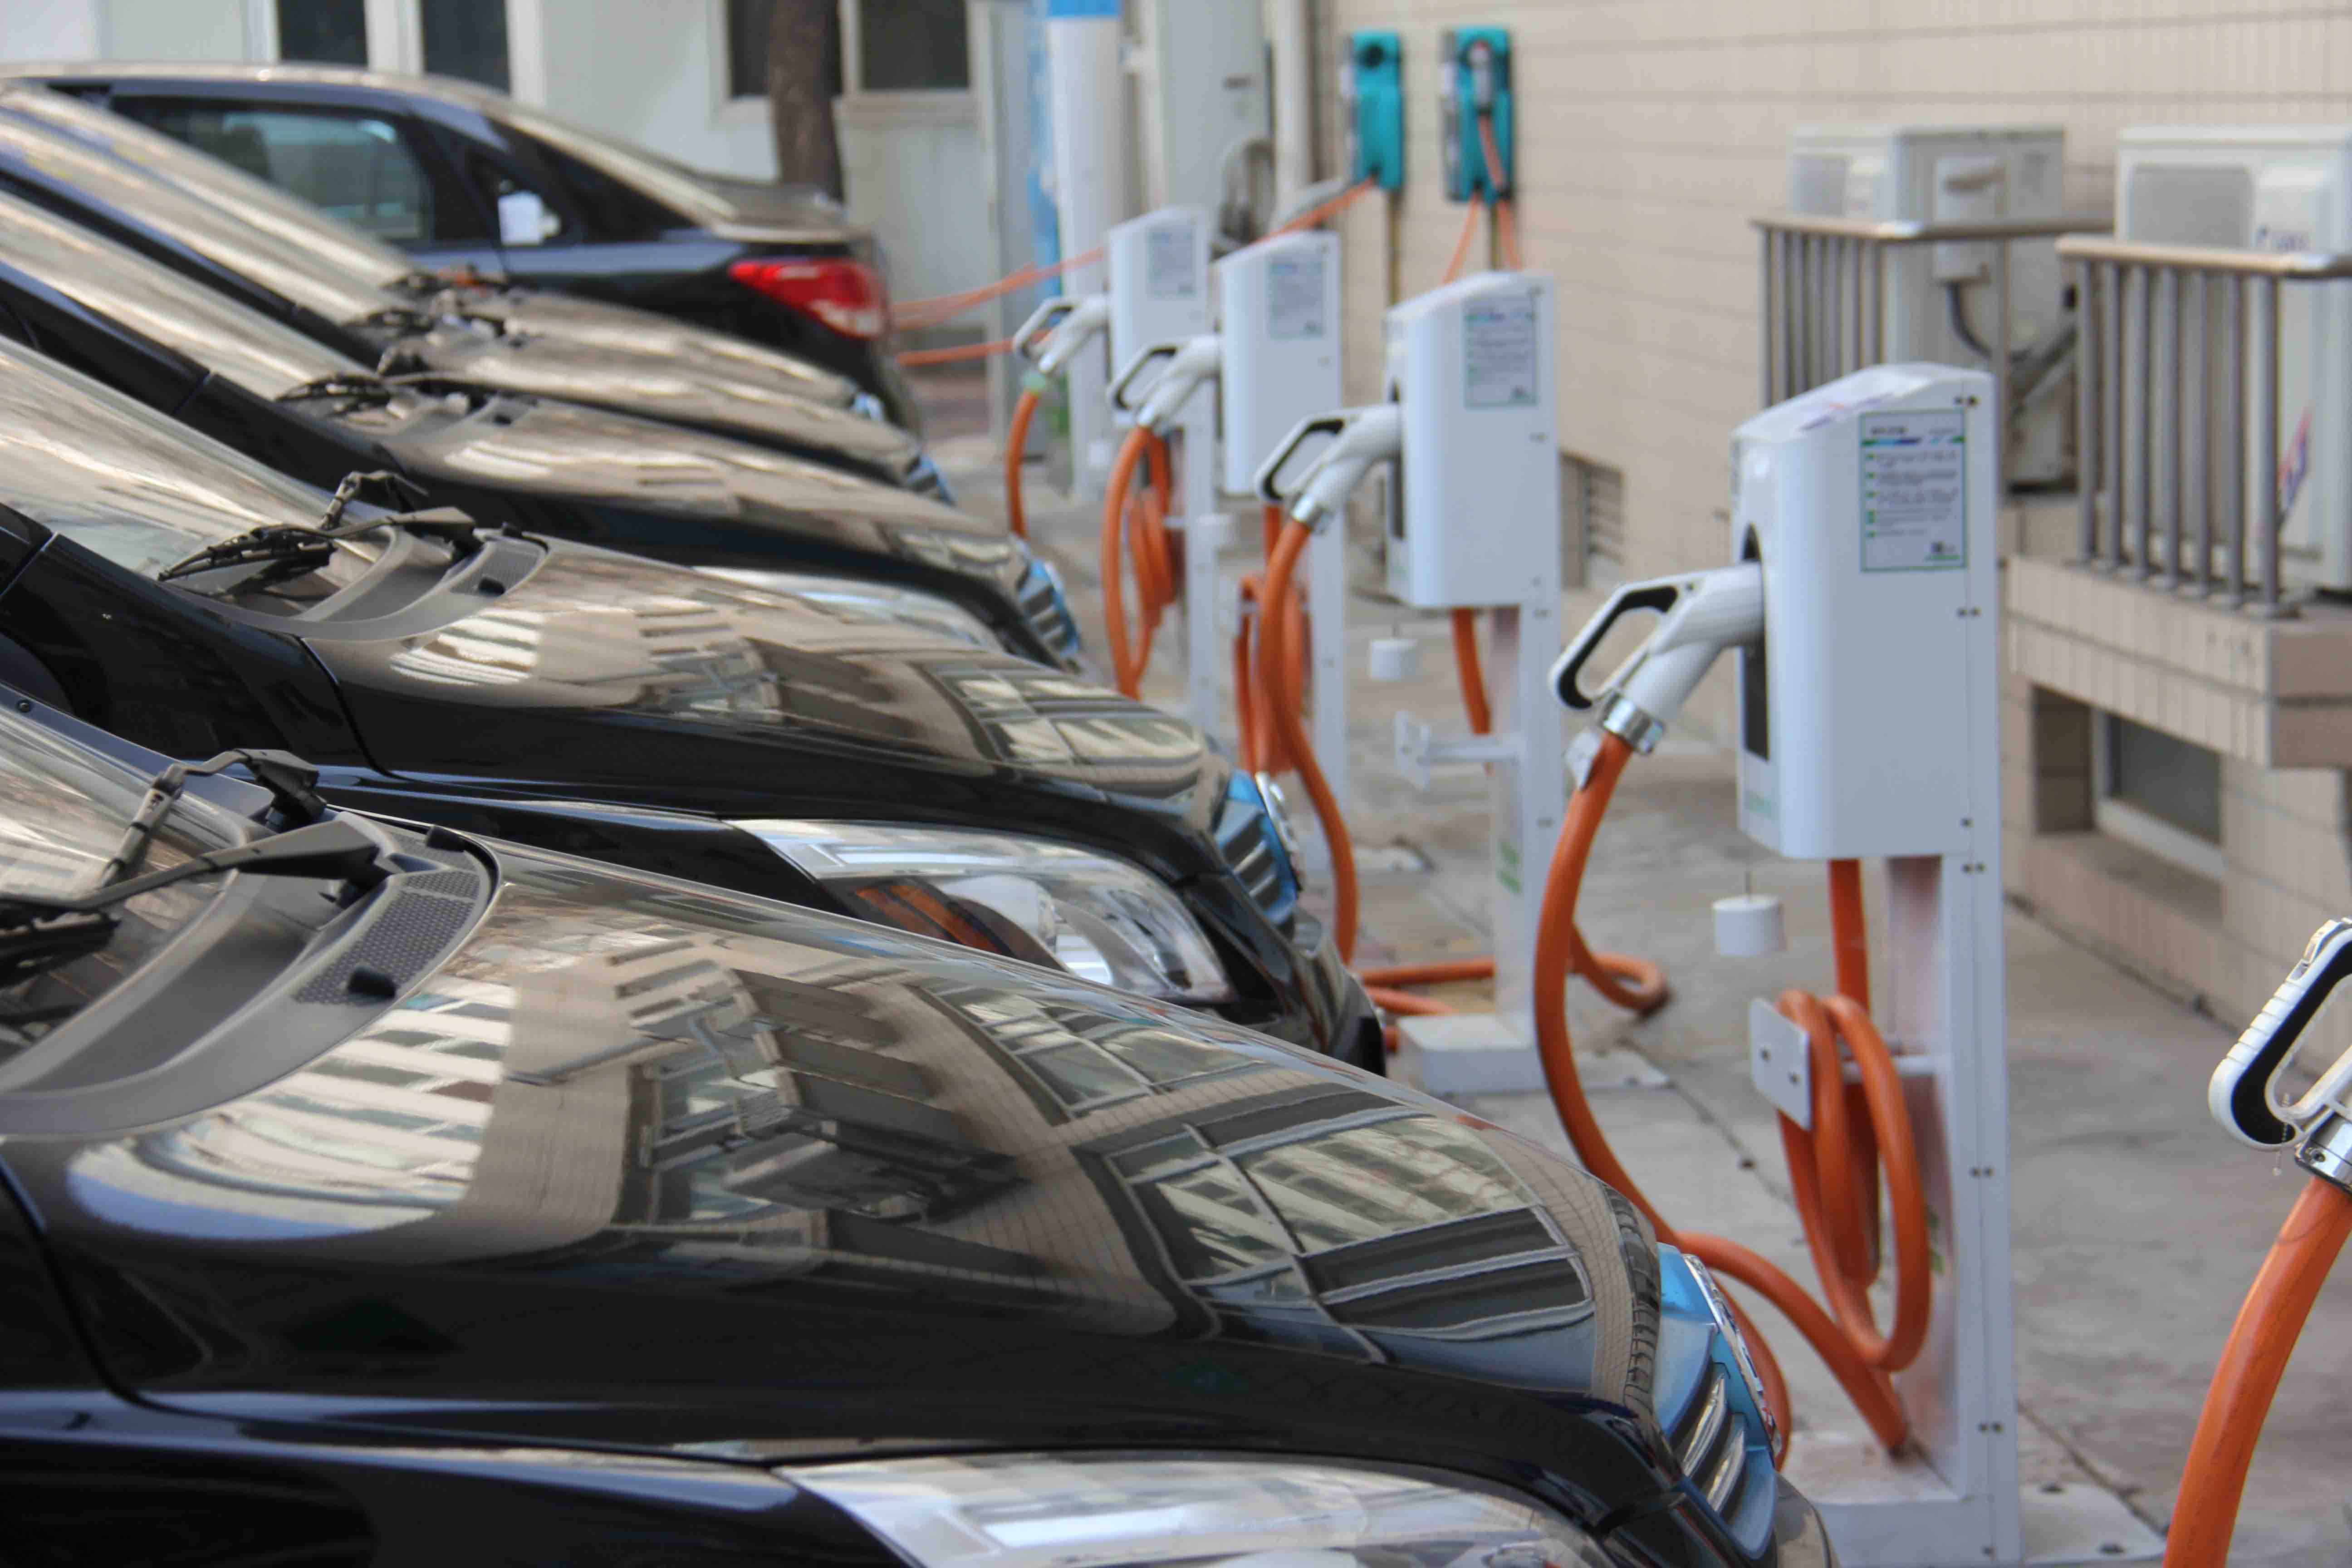 补贴审核变严 2016年首批新能源车申报近10%遭拒